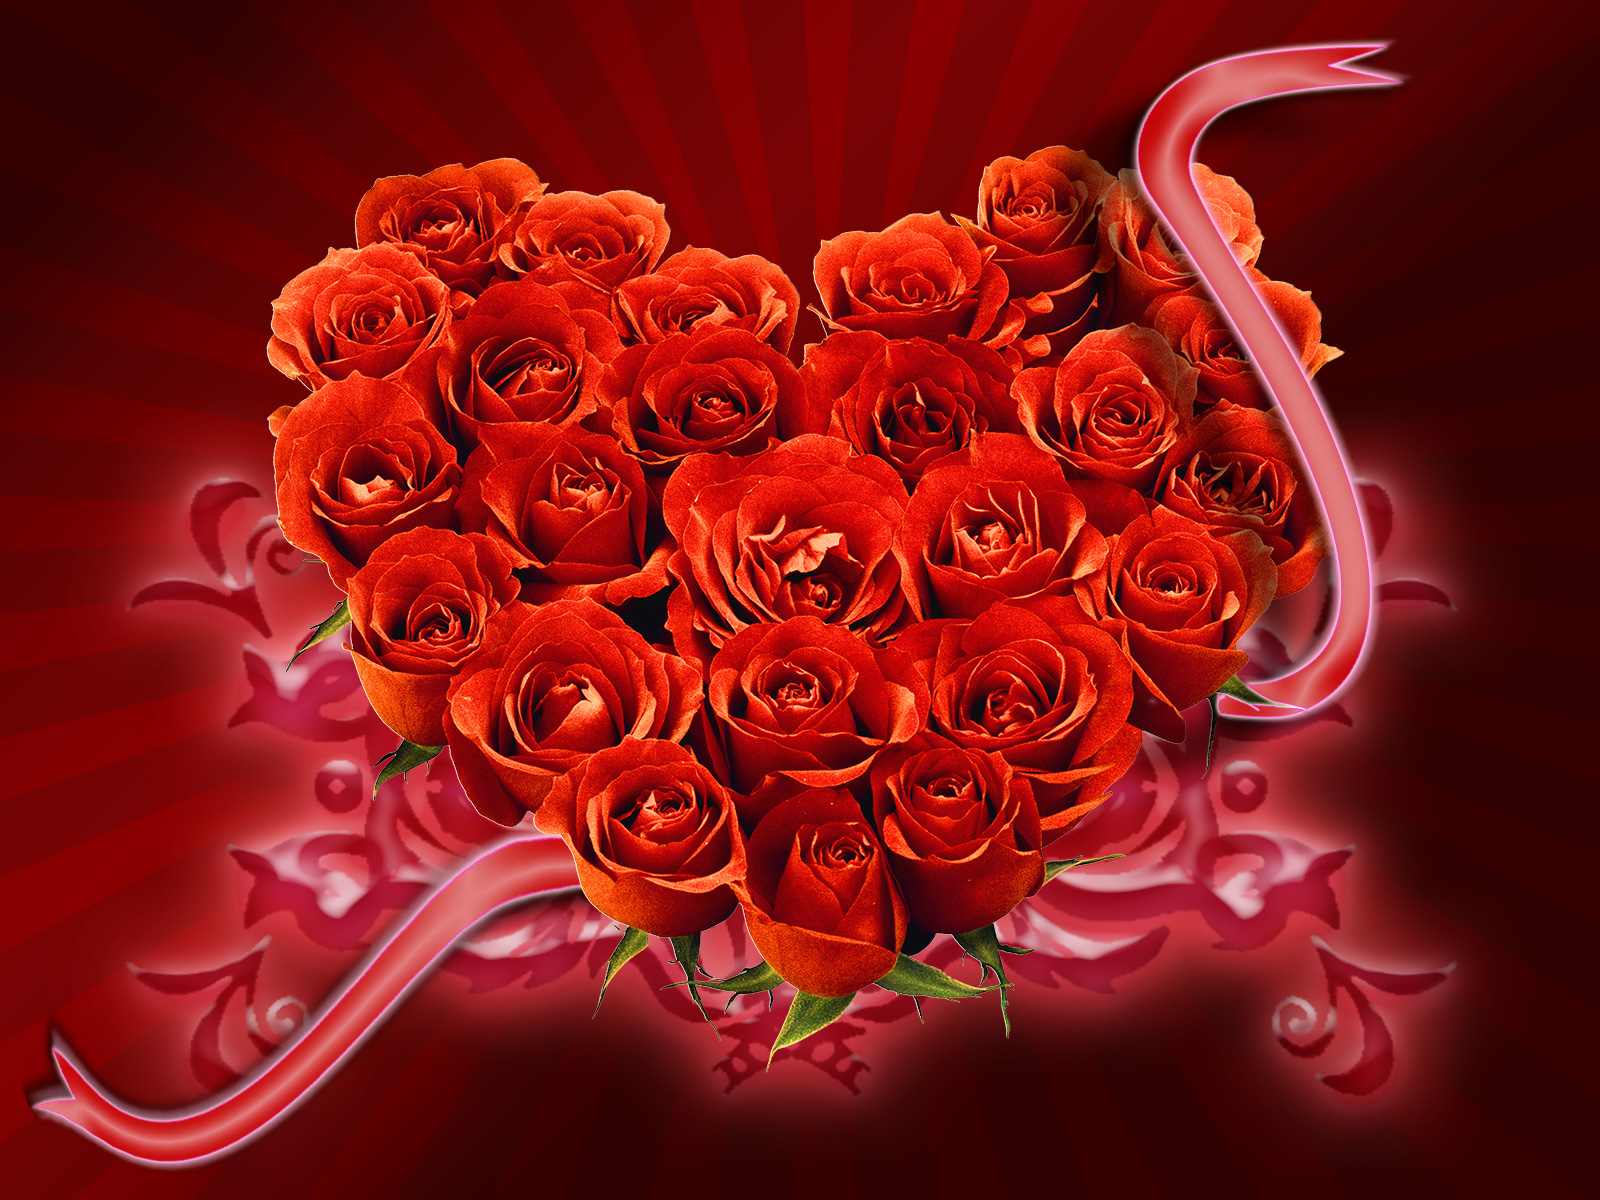 розы фотообои на рабочий стол: